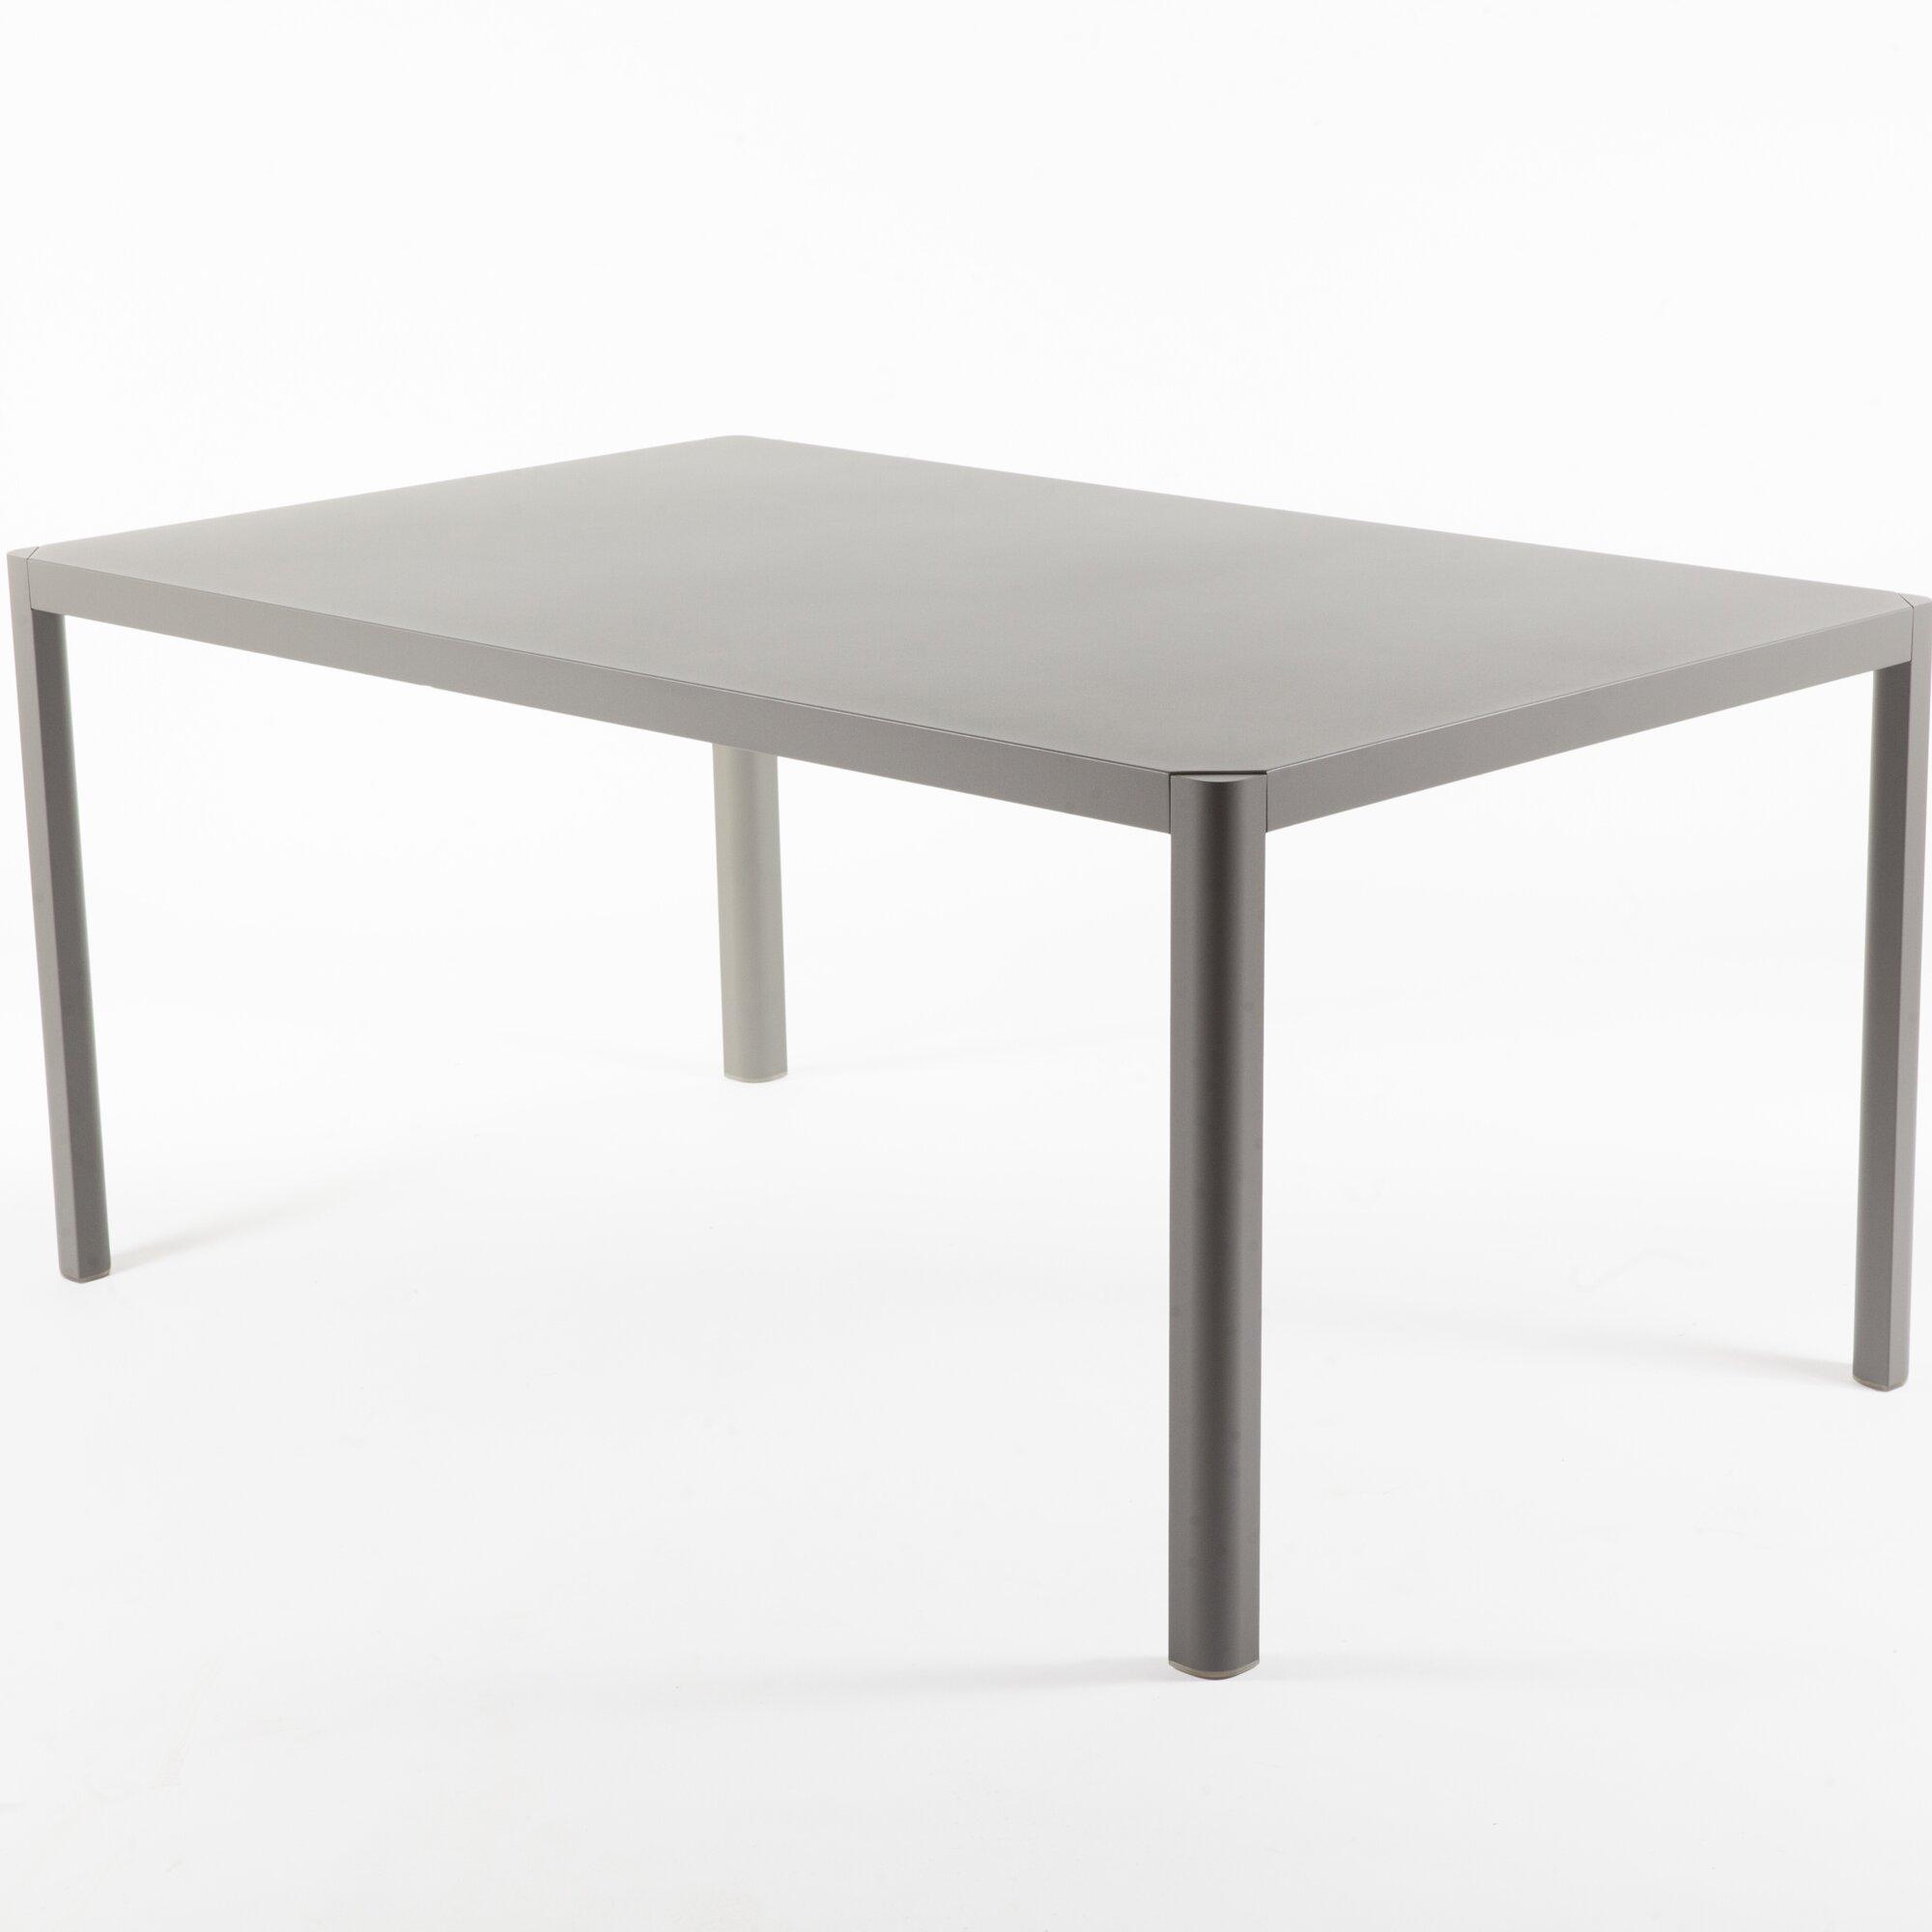 dCOR design Schwaz Dining Table Wayfair : dCOR design Schwaz Dining Table from www.wayfair.com size 2000 x 2000 jpeg 149kB